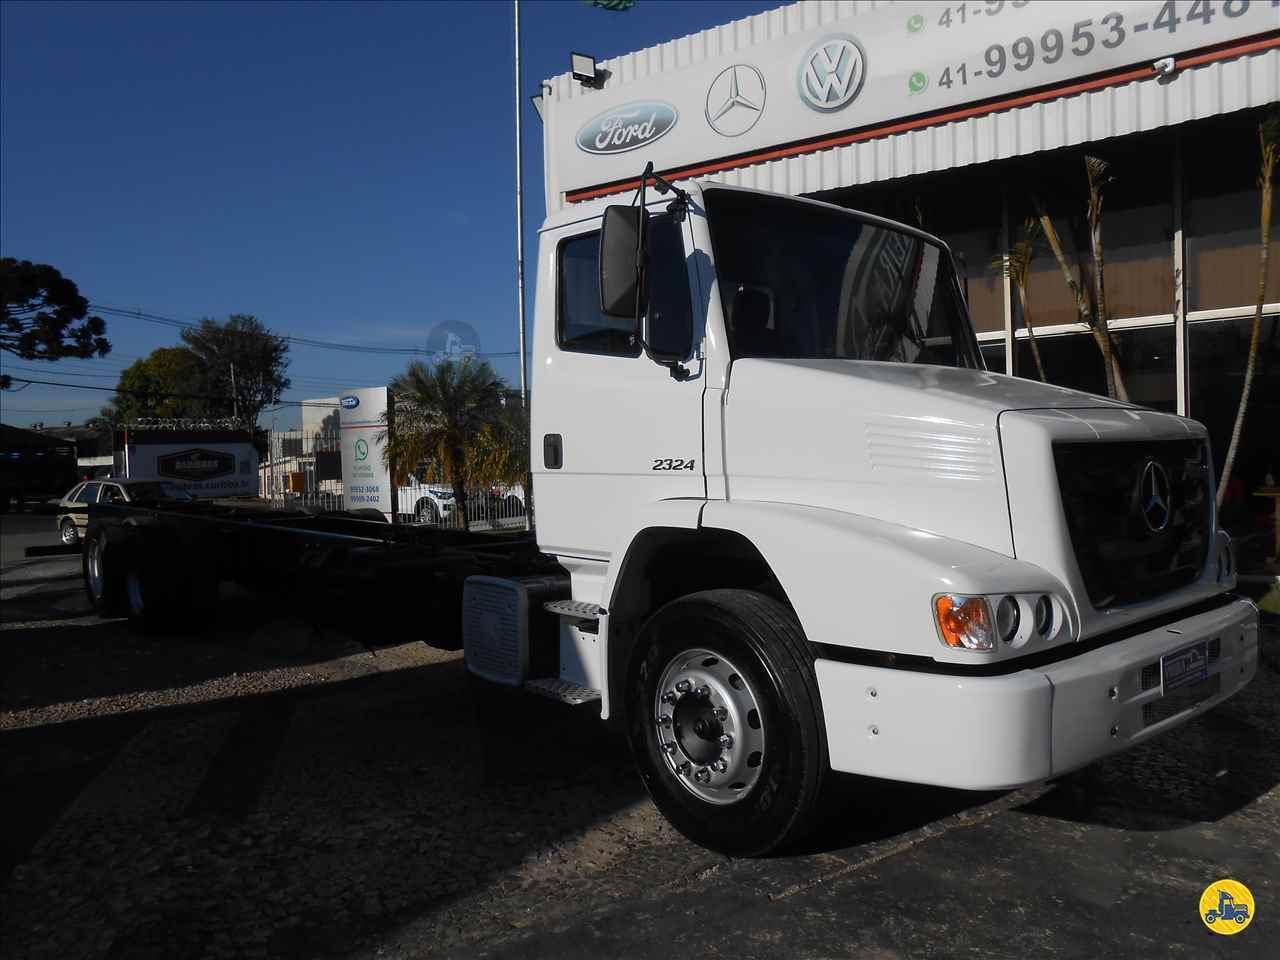 CAMINHAO MERCEDES-BENZ MB 2324 Chassis Truck 6x2 Vieira Caminhões CURITIBA PARANÁ PR